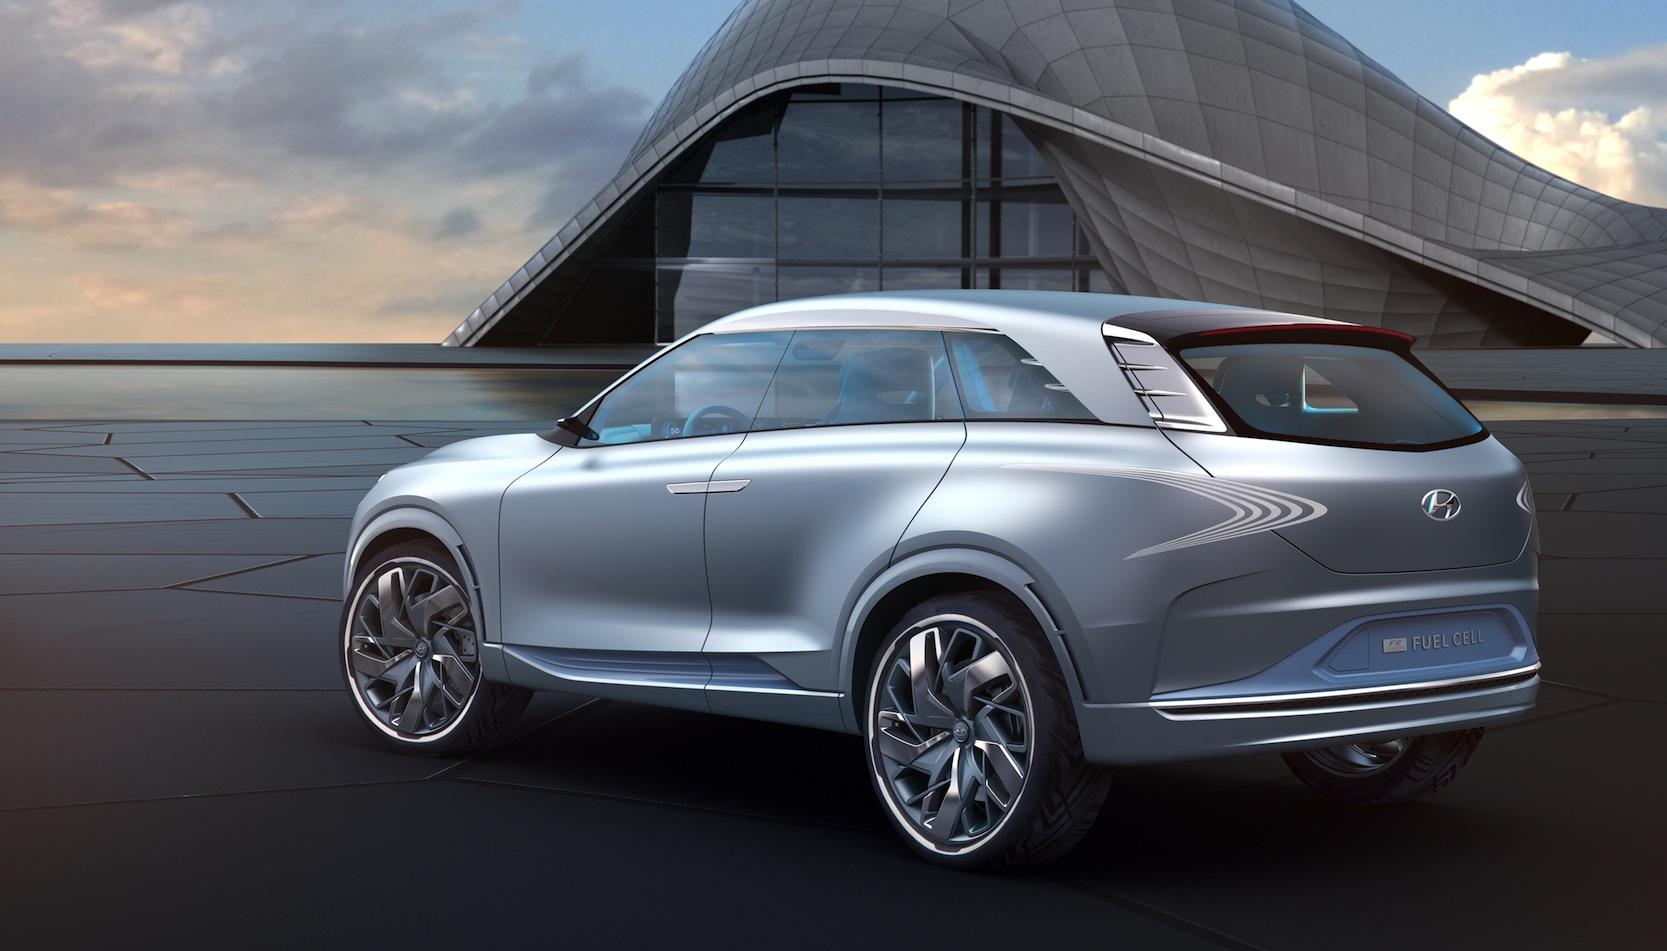 Diesen SUV mit Brennstoffzelle bringt Hyundai 2018 auf den Markt. Von dem Auto will Hyundai mehrere Tausend Fahrzeuge pro Jahr in Serie produzieren.